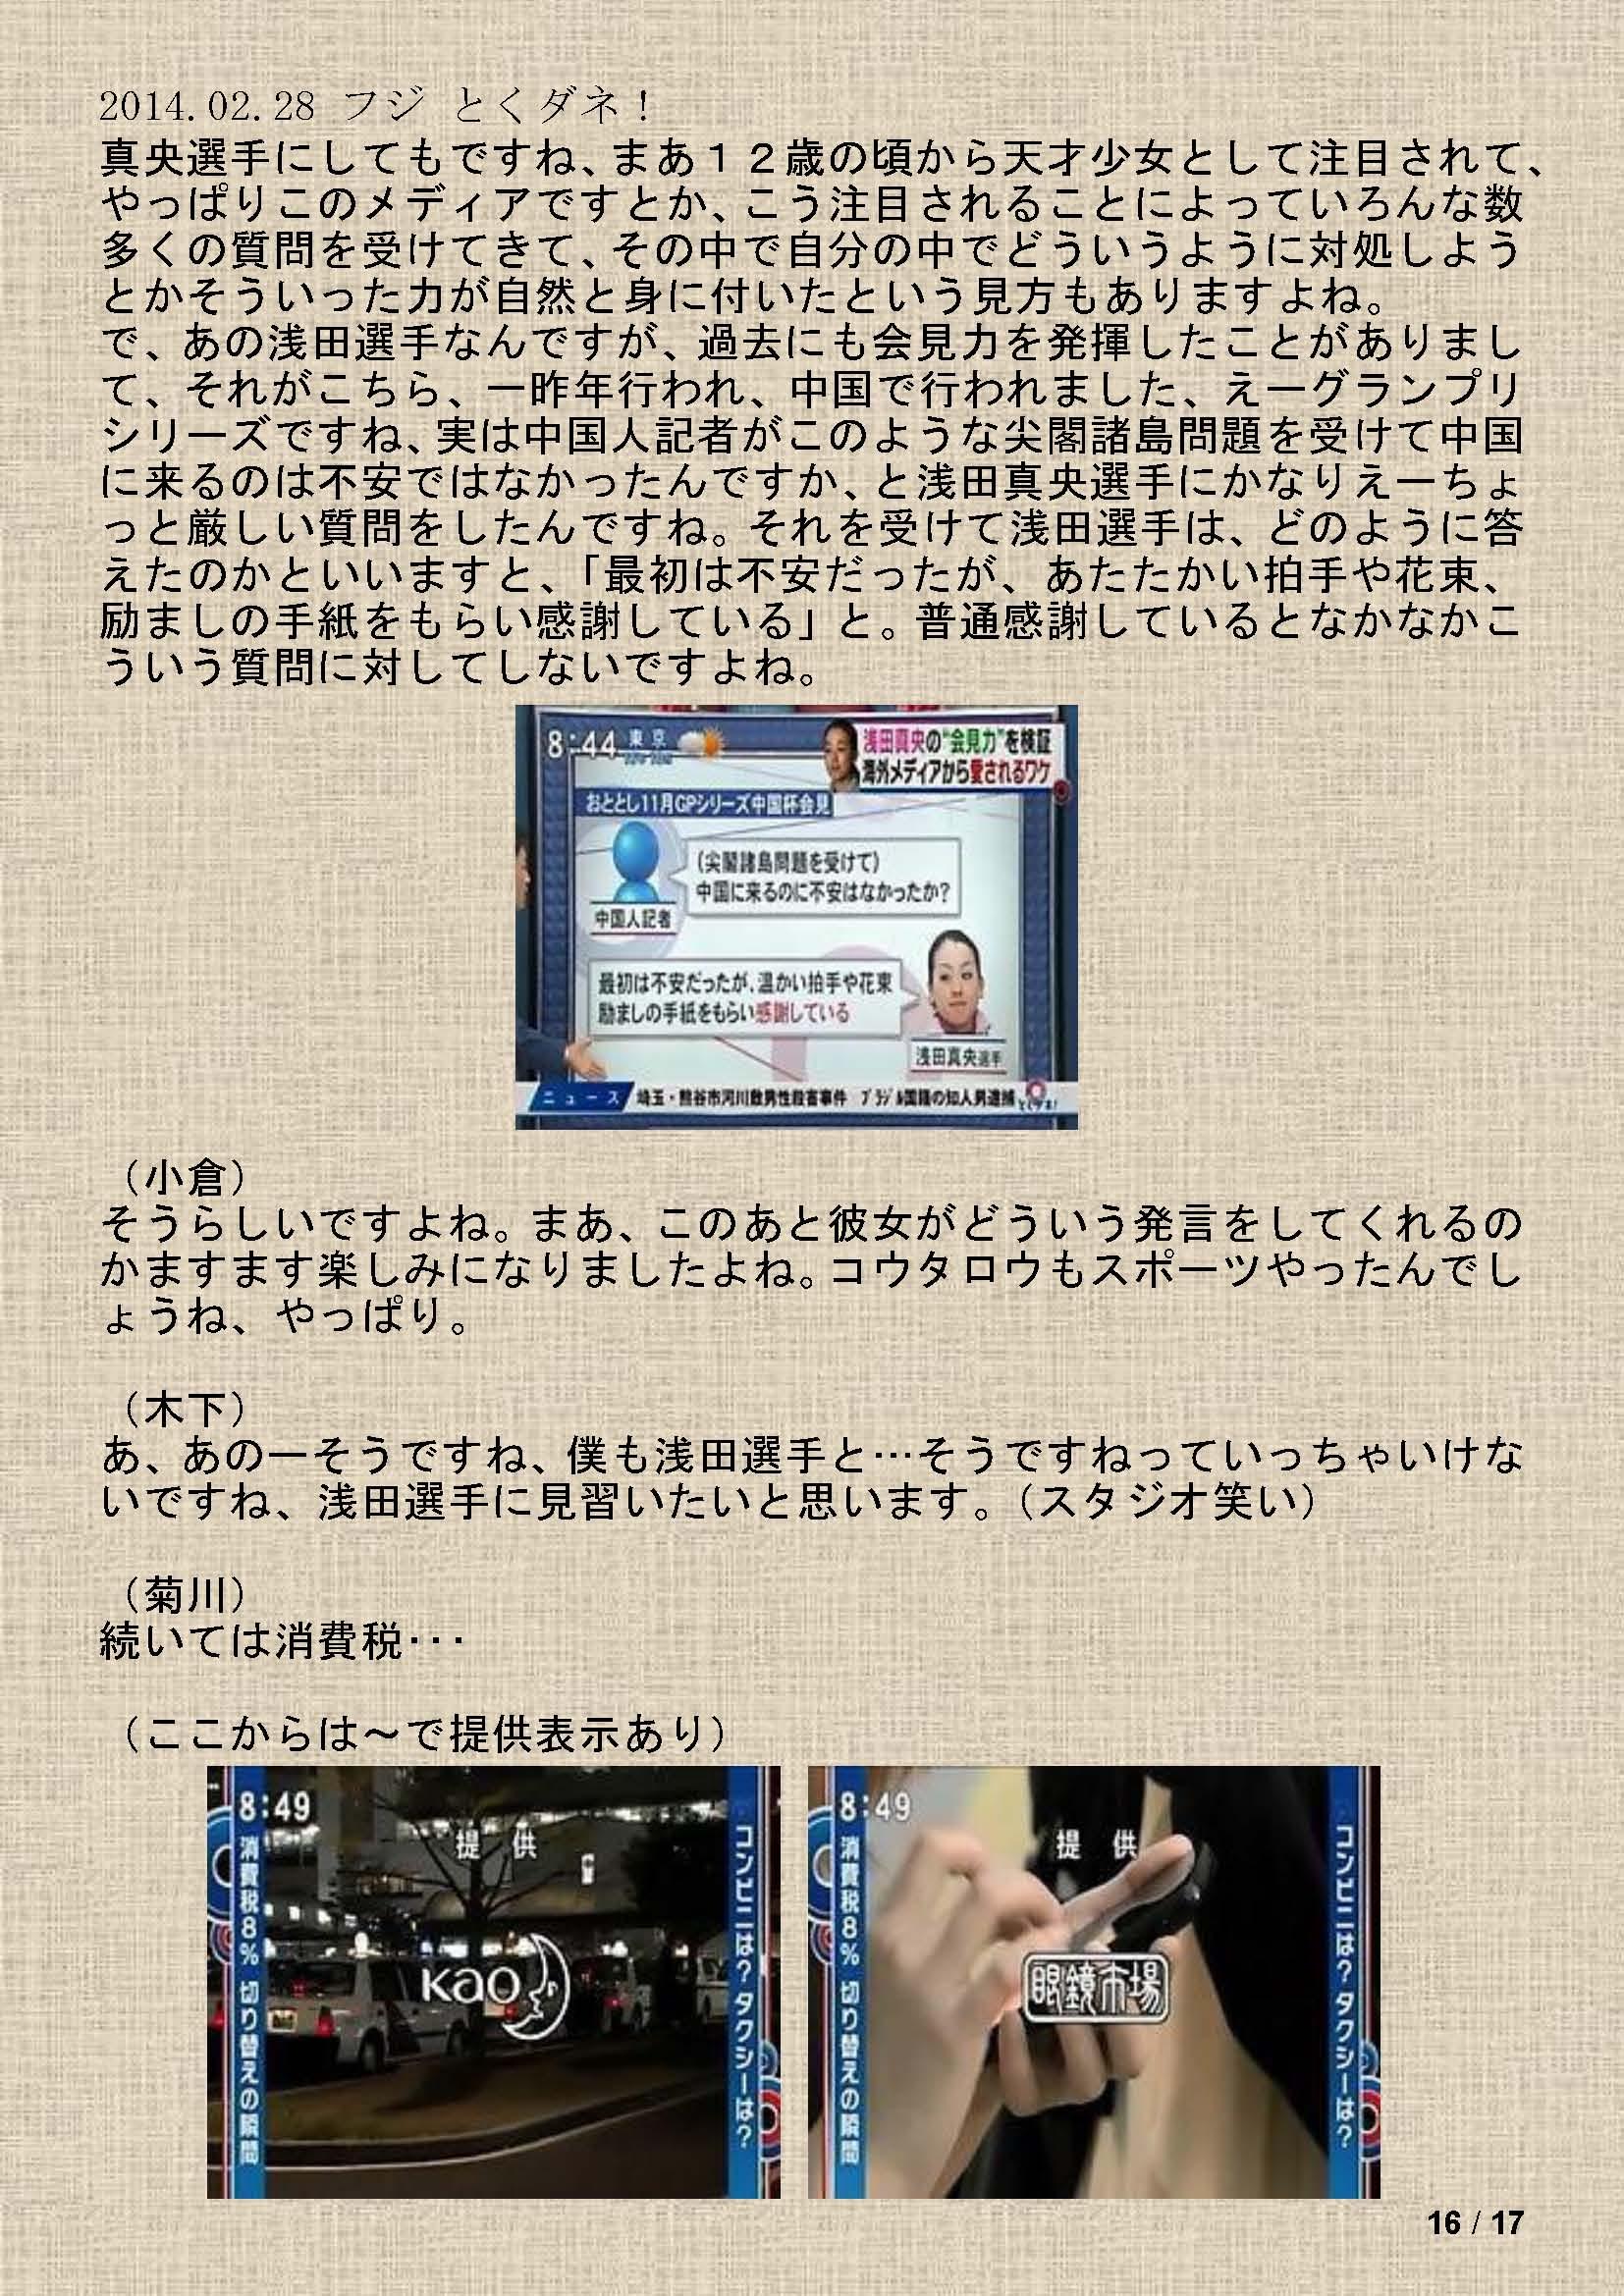 2014.02.28 フジ とくダネ!(浅田)_ページ_16